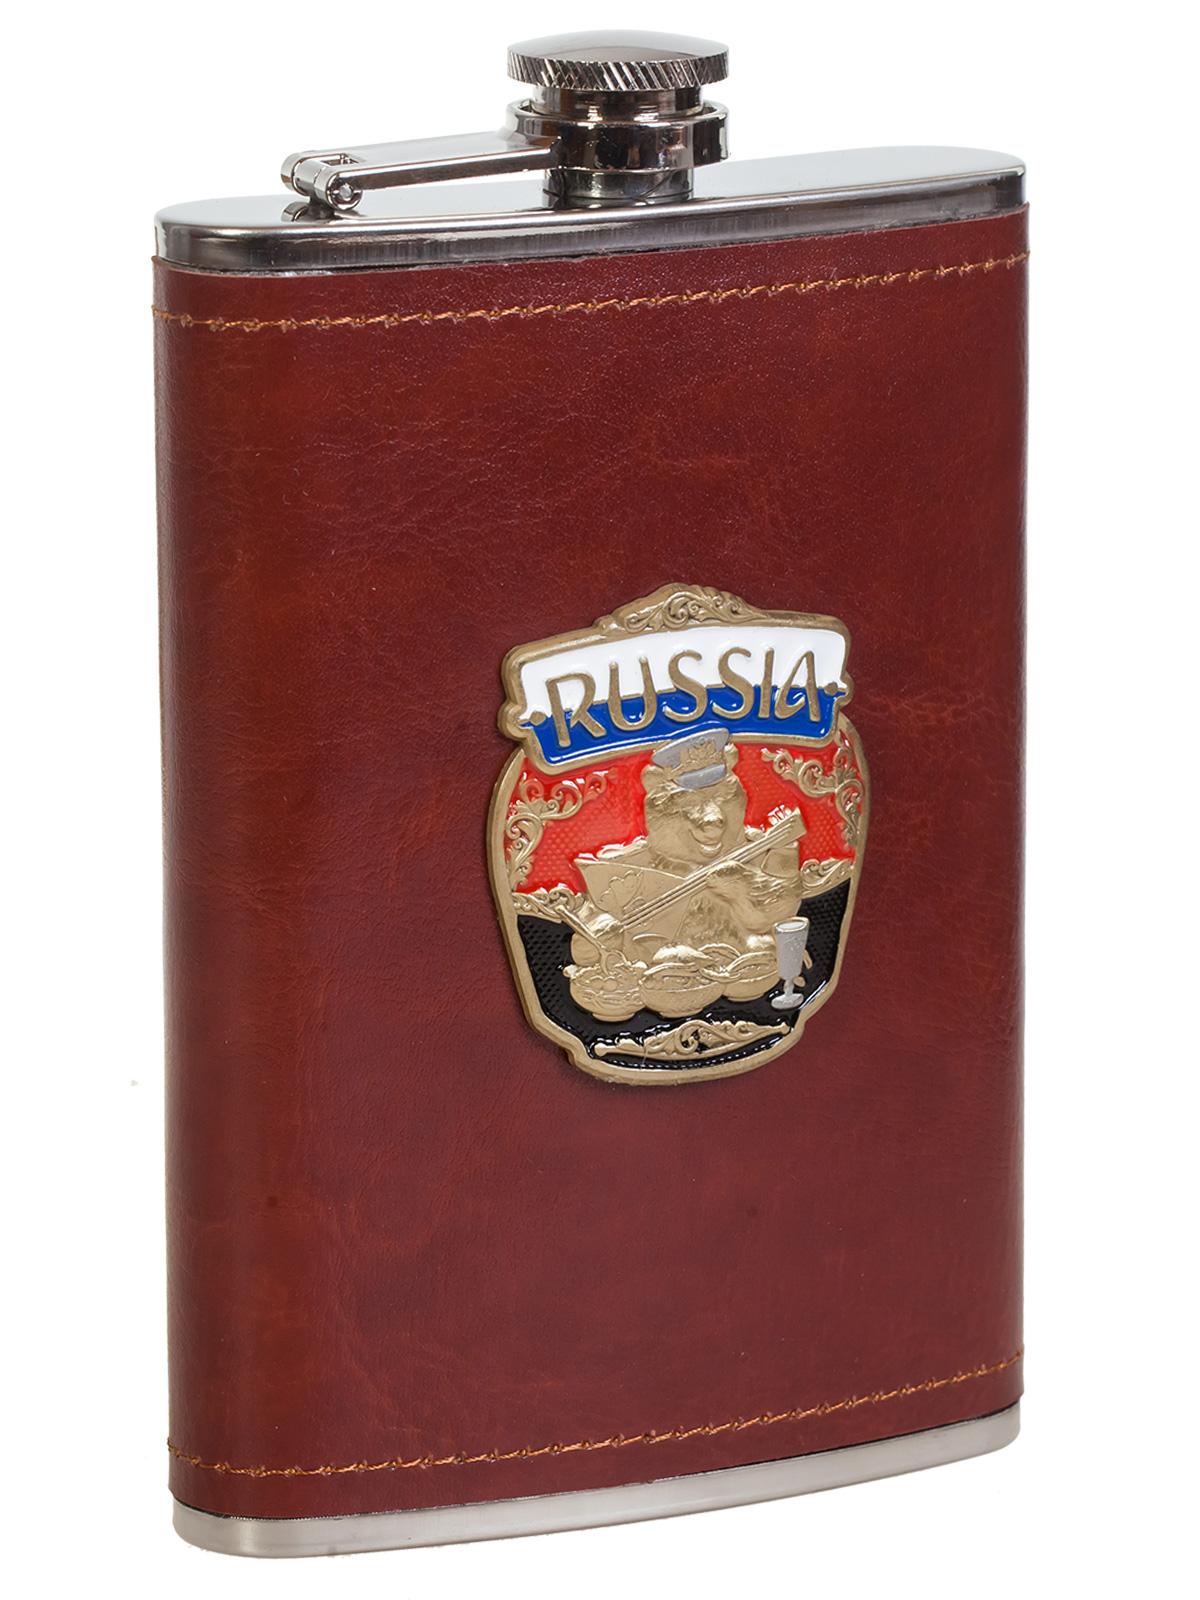 Карманная плоская фляжка в коже с накладкой «Россия»